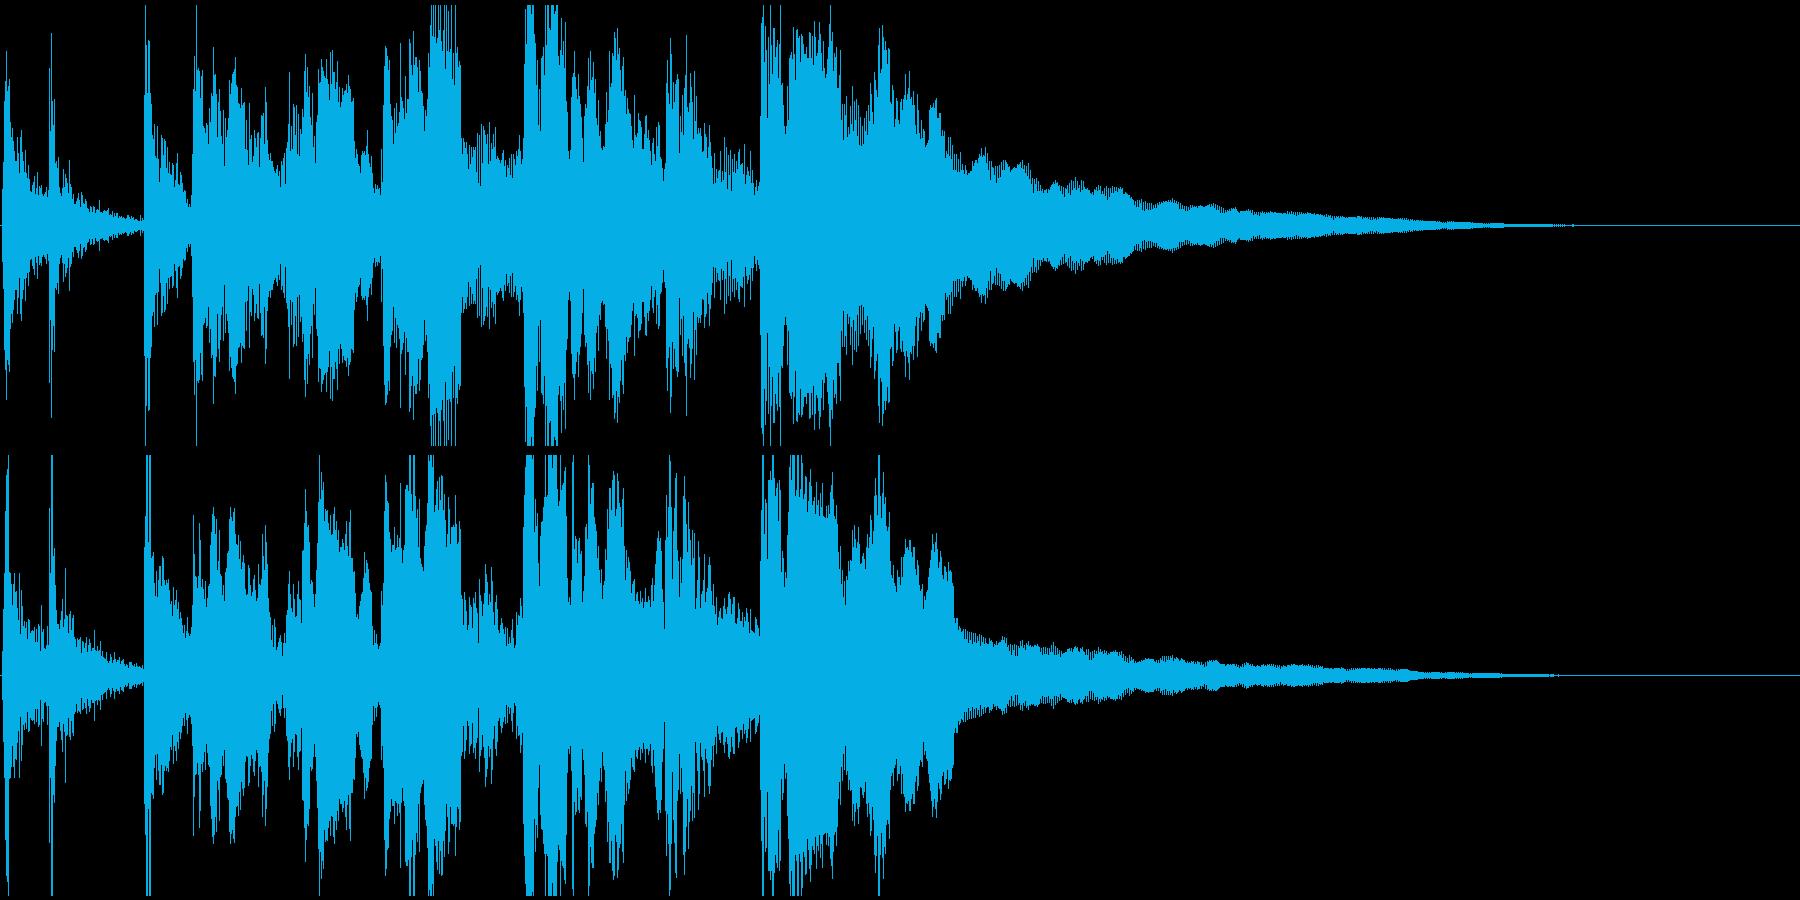 和風、笛と太鼓の囃子風ジングル2の再生済みの波形